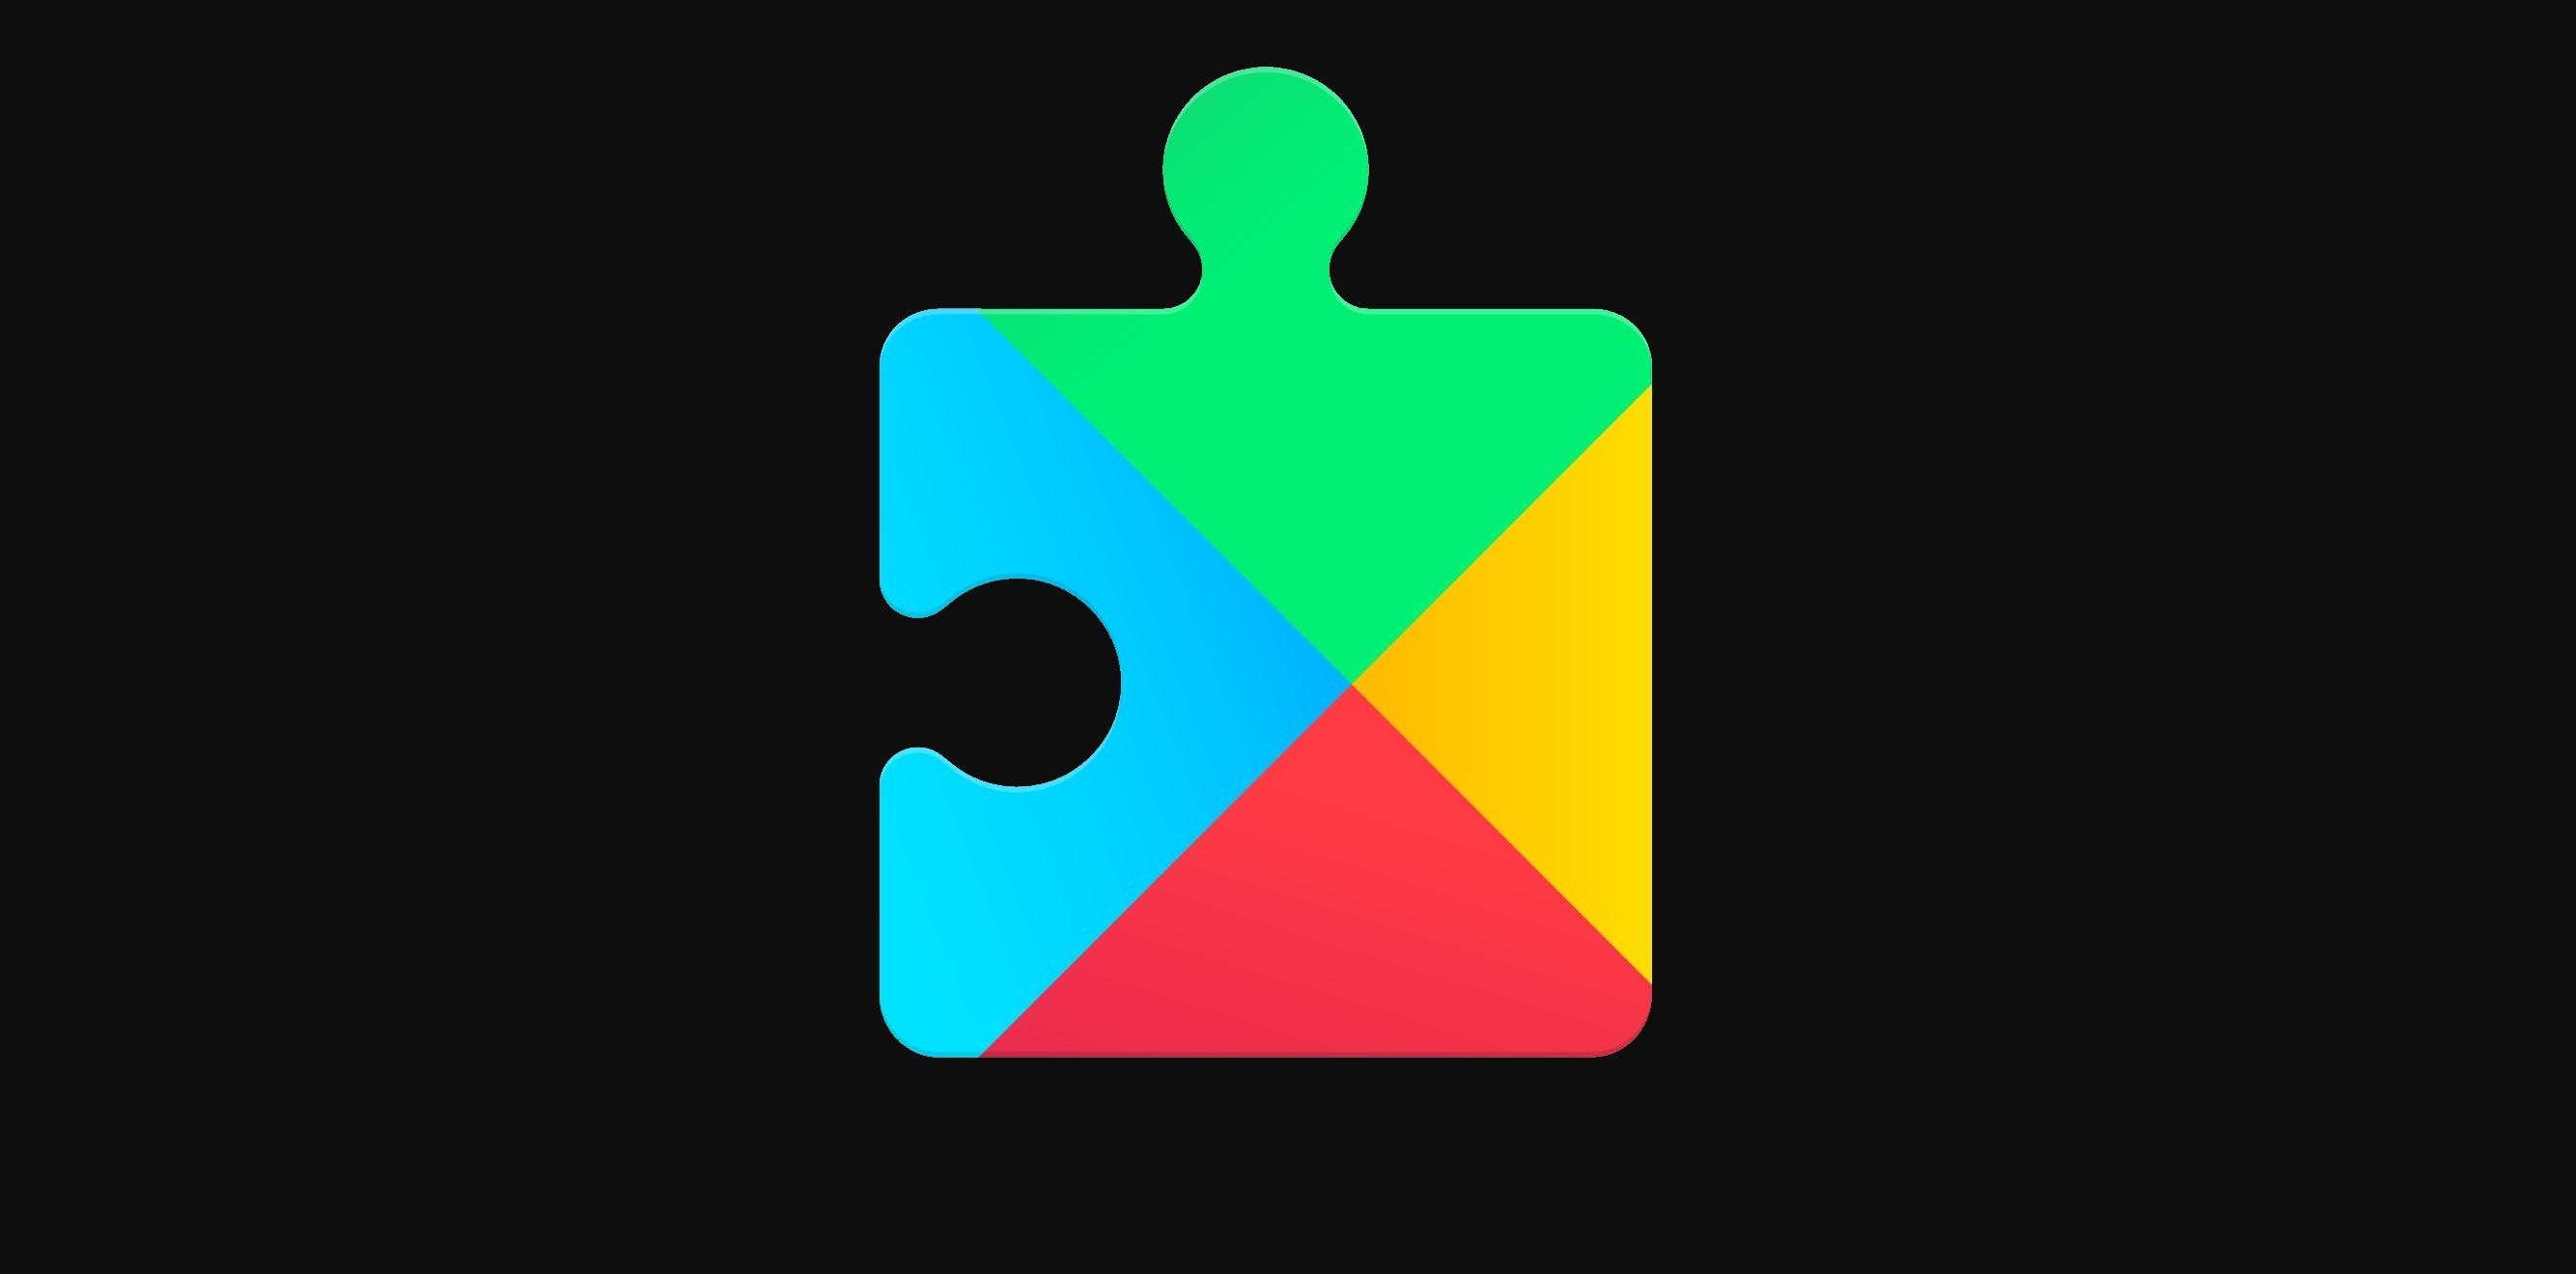 To pierwsza aplikacja na Androida, której udało się przekroczyć 10 miliardów instalacji